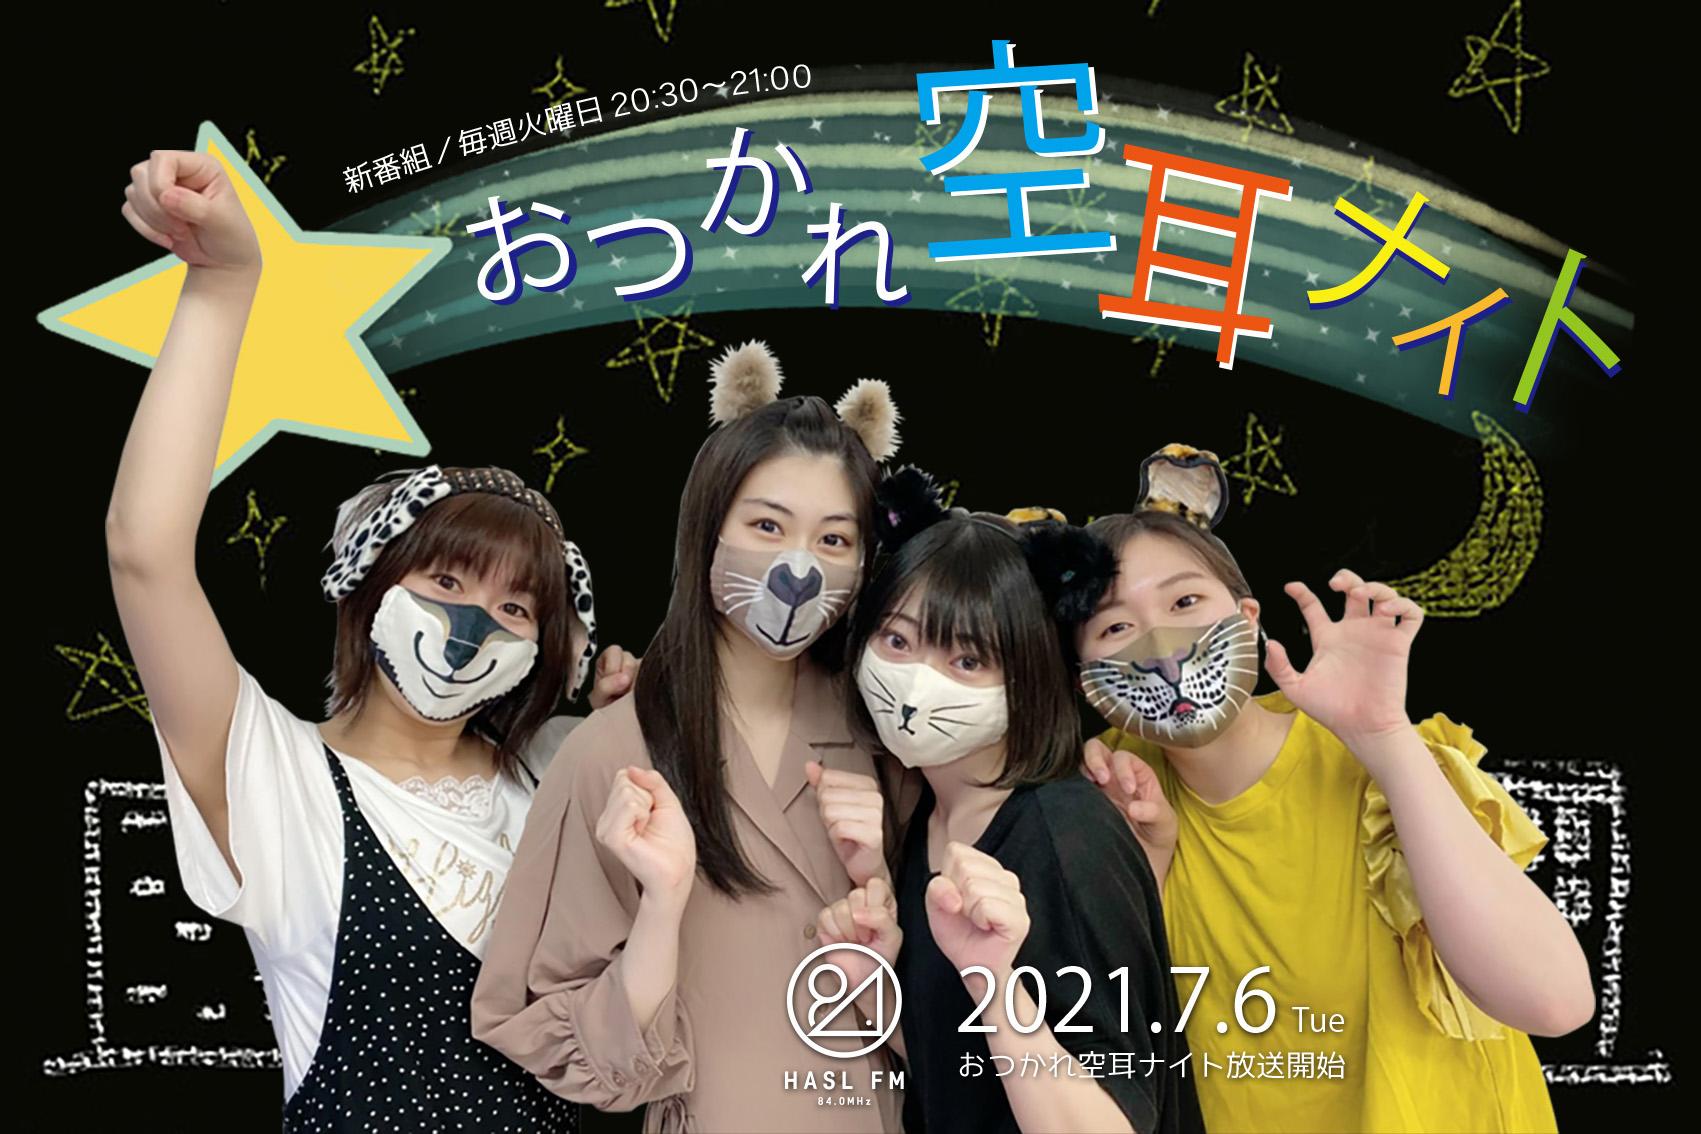 7/6(火)HASL FM 84.0MHz新番組「おつかれ空耳ナイト」放送開始